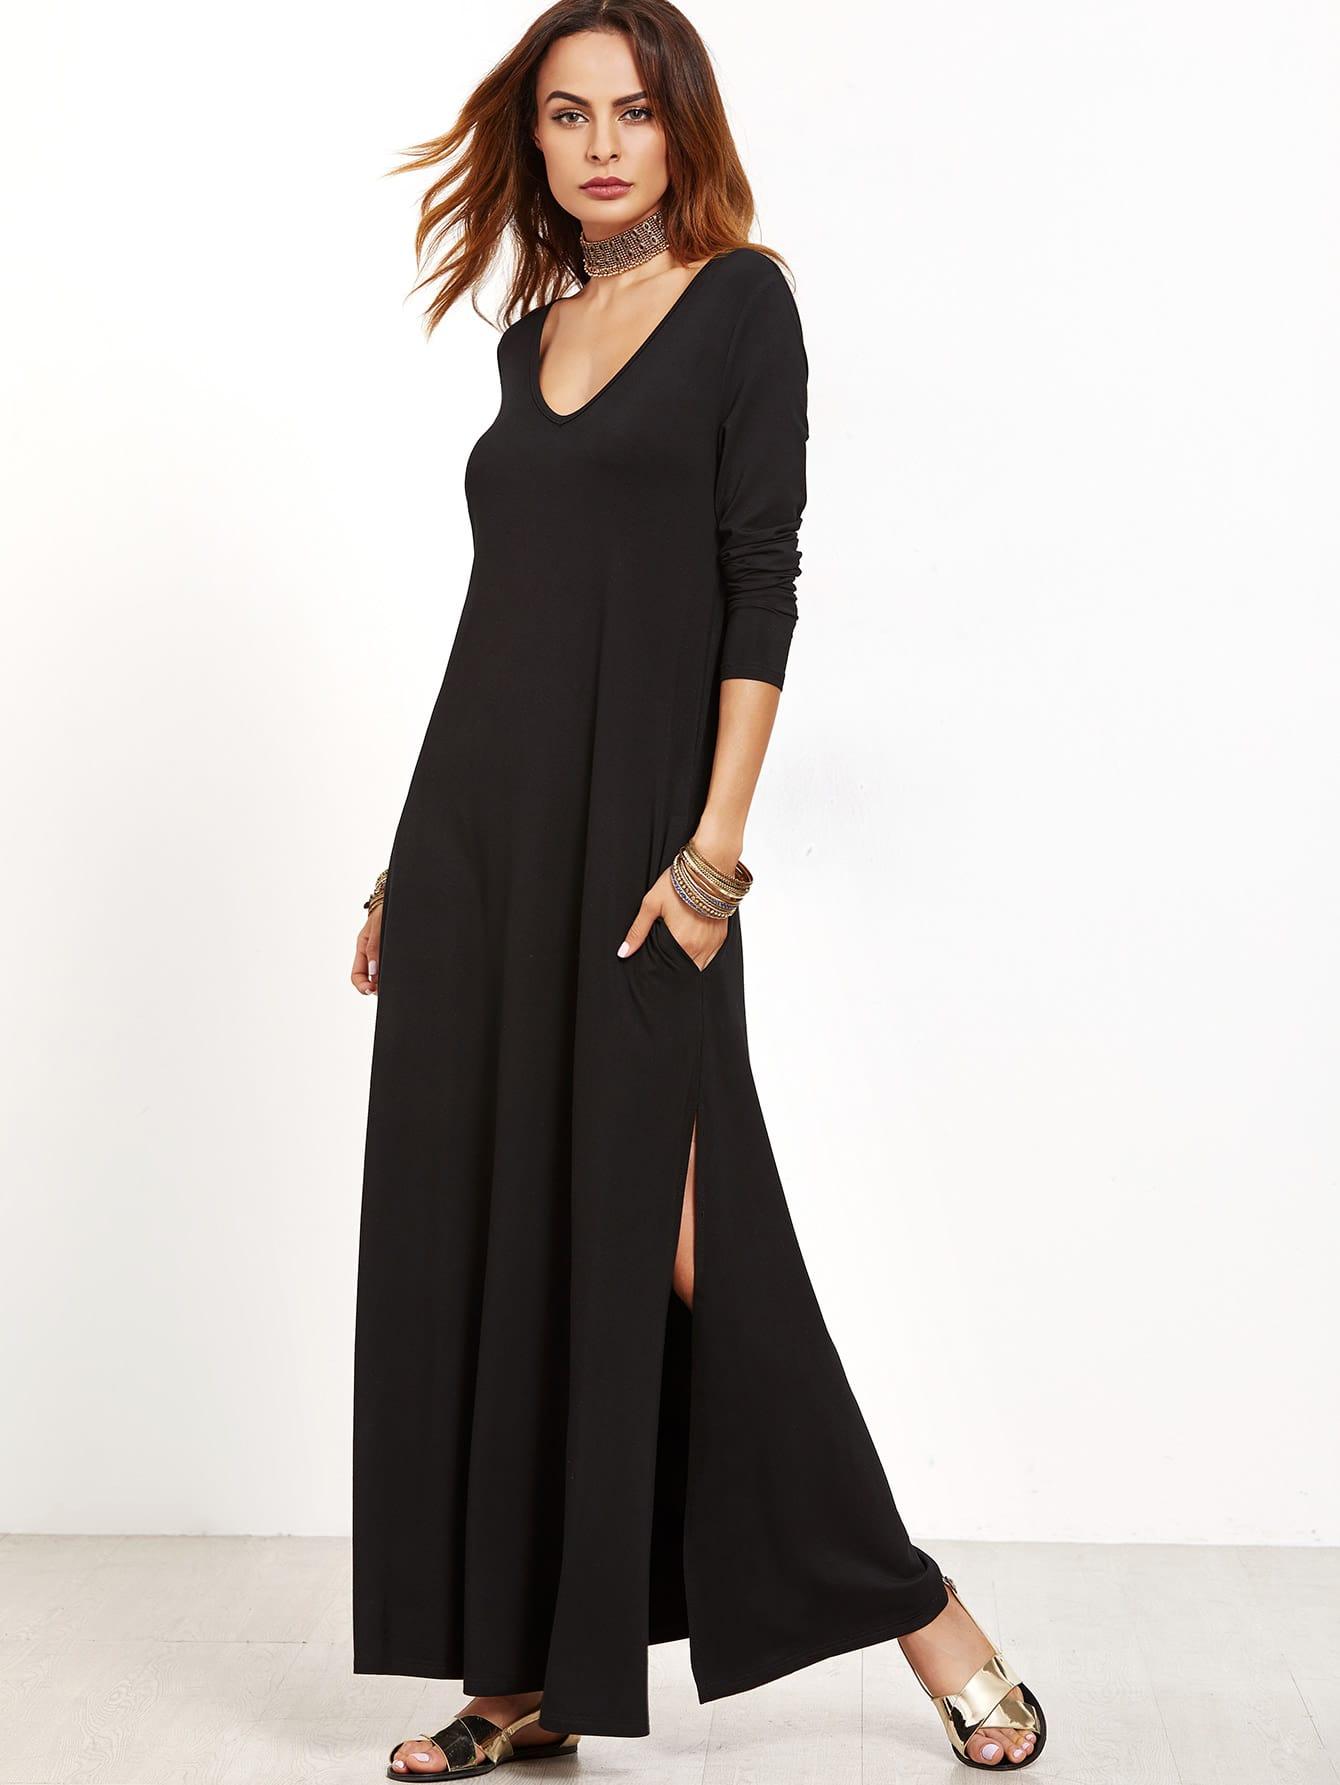 Black Deep V Neck Side Slit Maxi Dress dress161021709